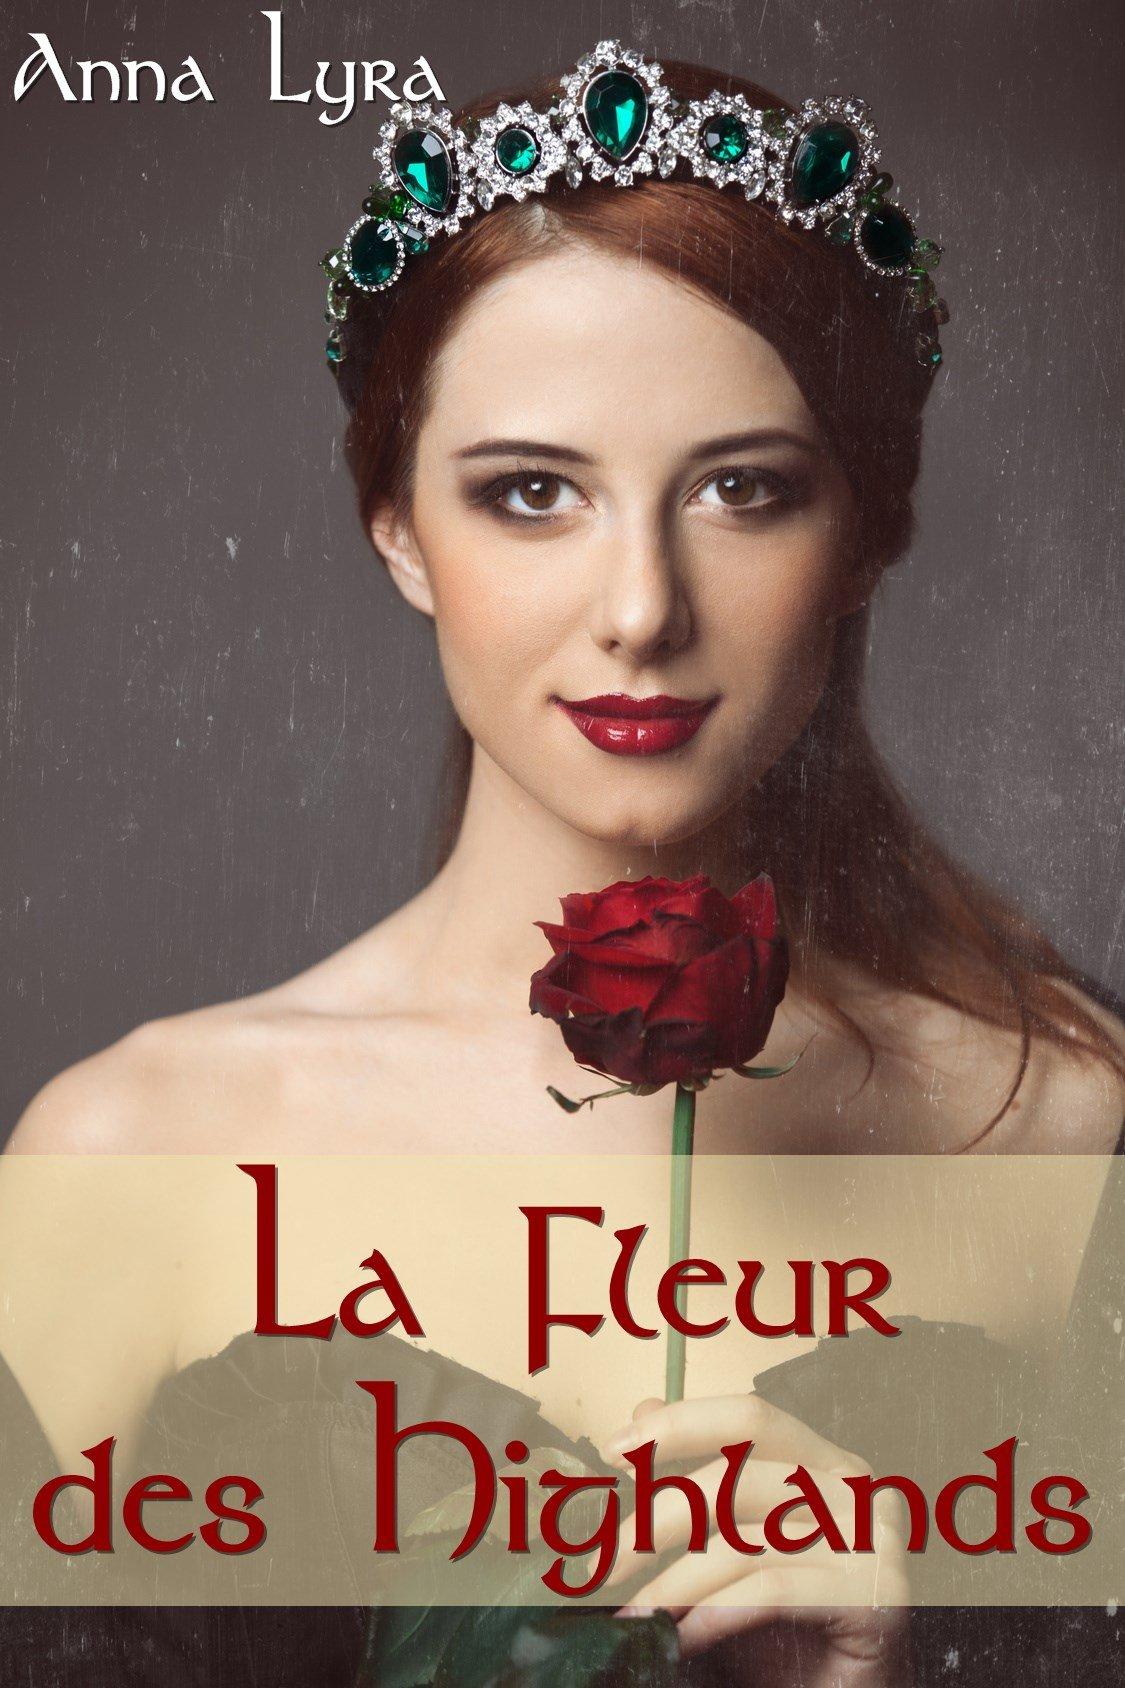 La Fleur des Highlands por Anna Lyra